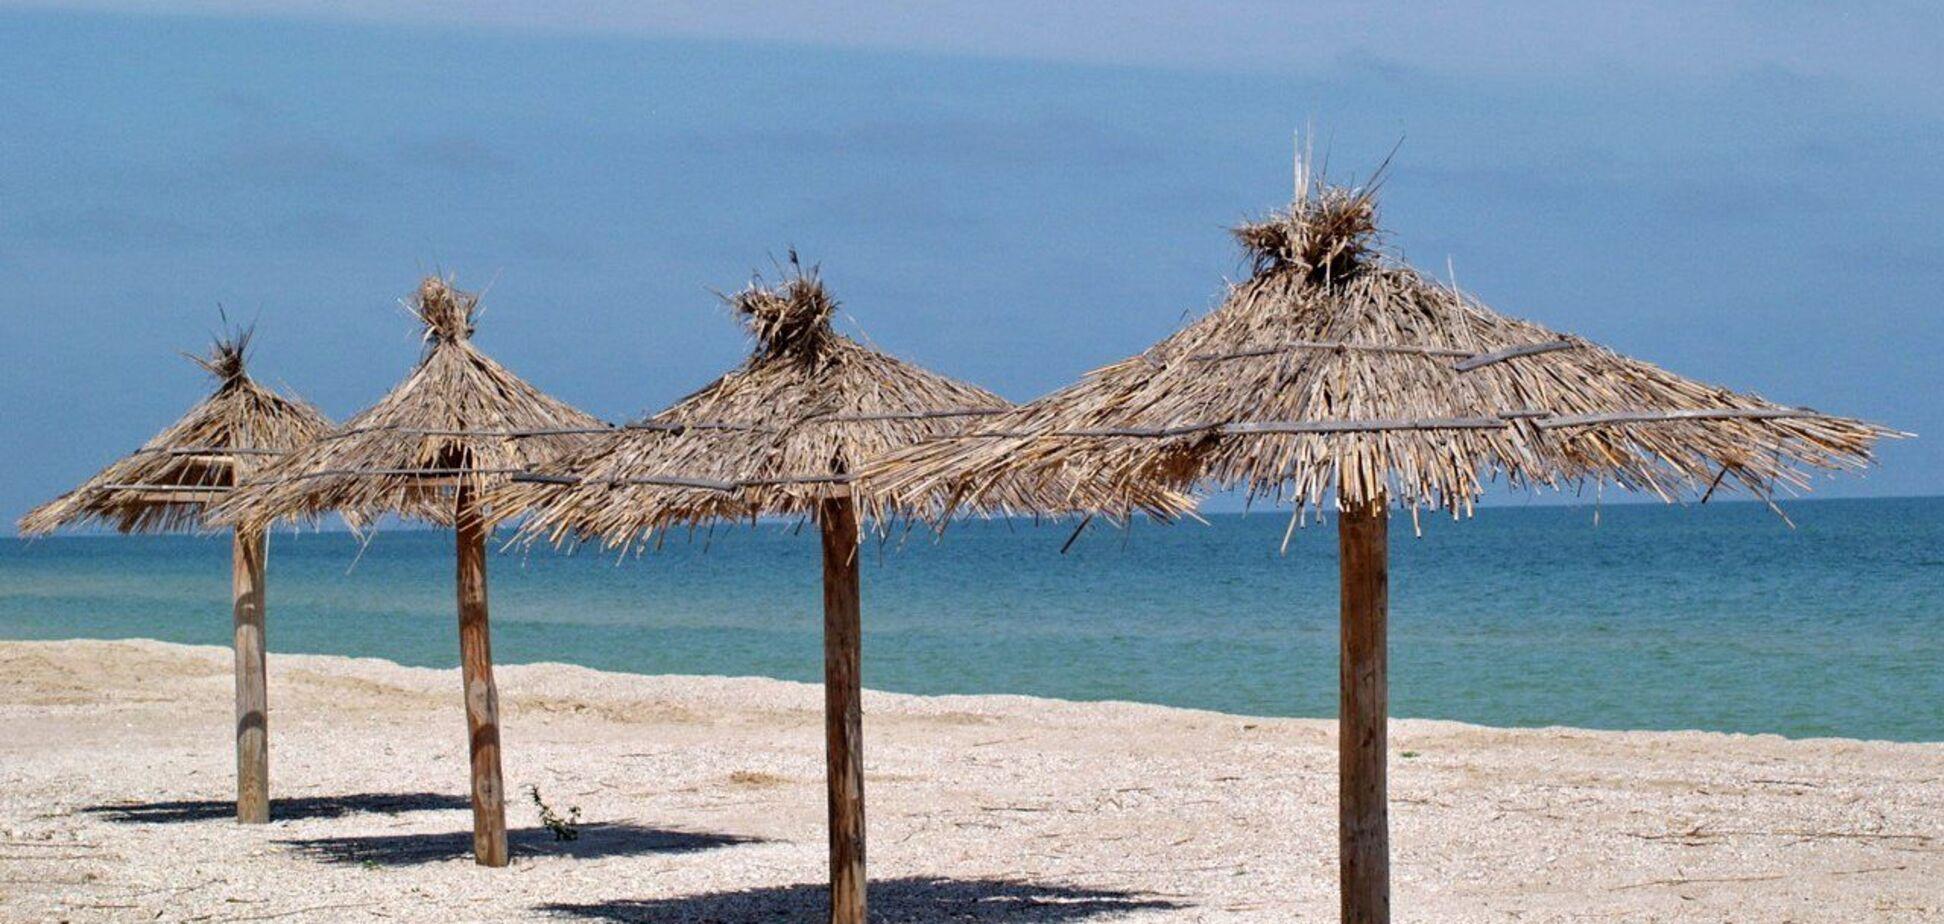 Візьміть парасольку: яка погода на популярних українських курортах